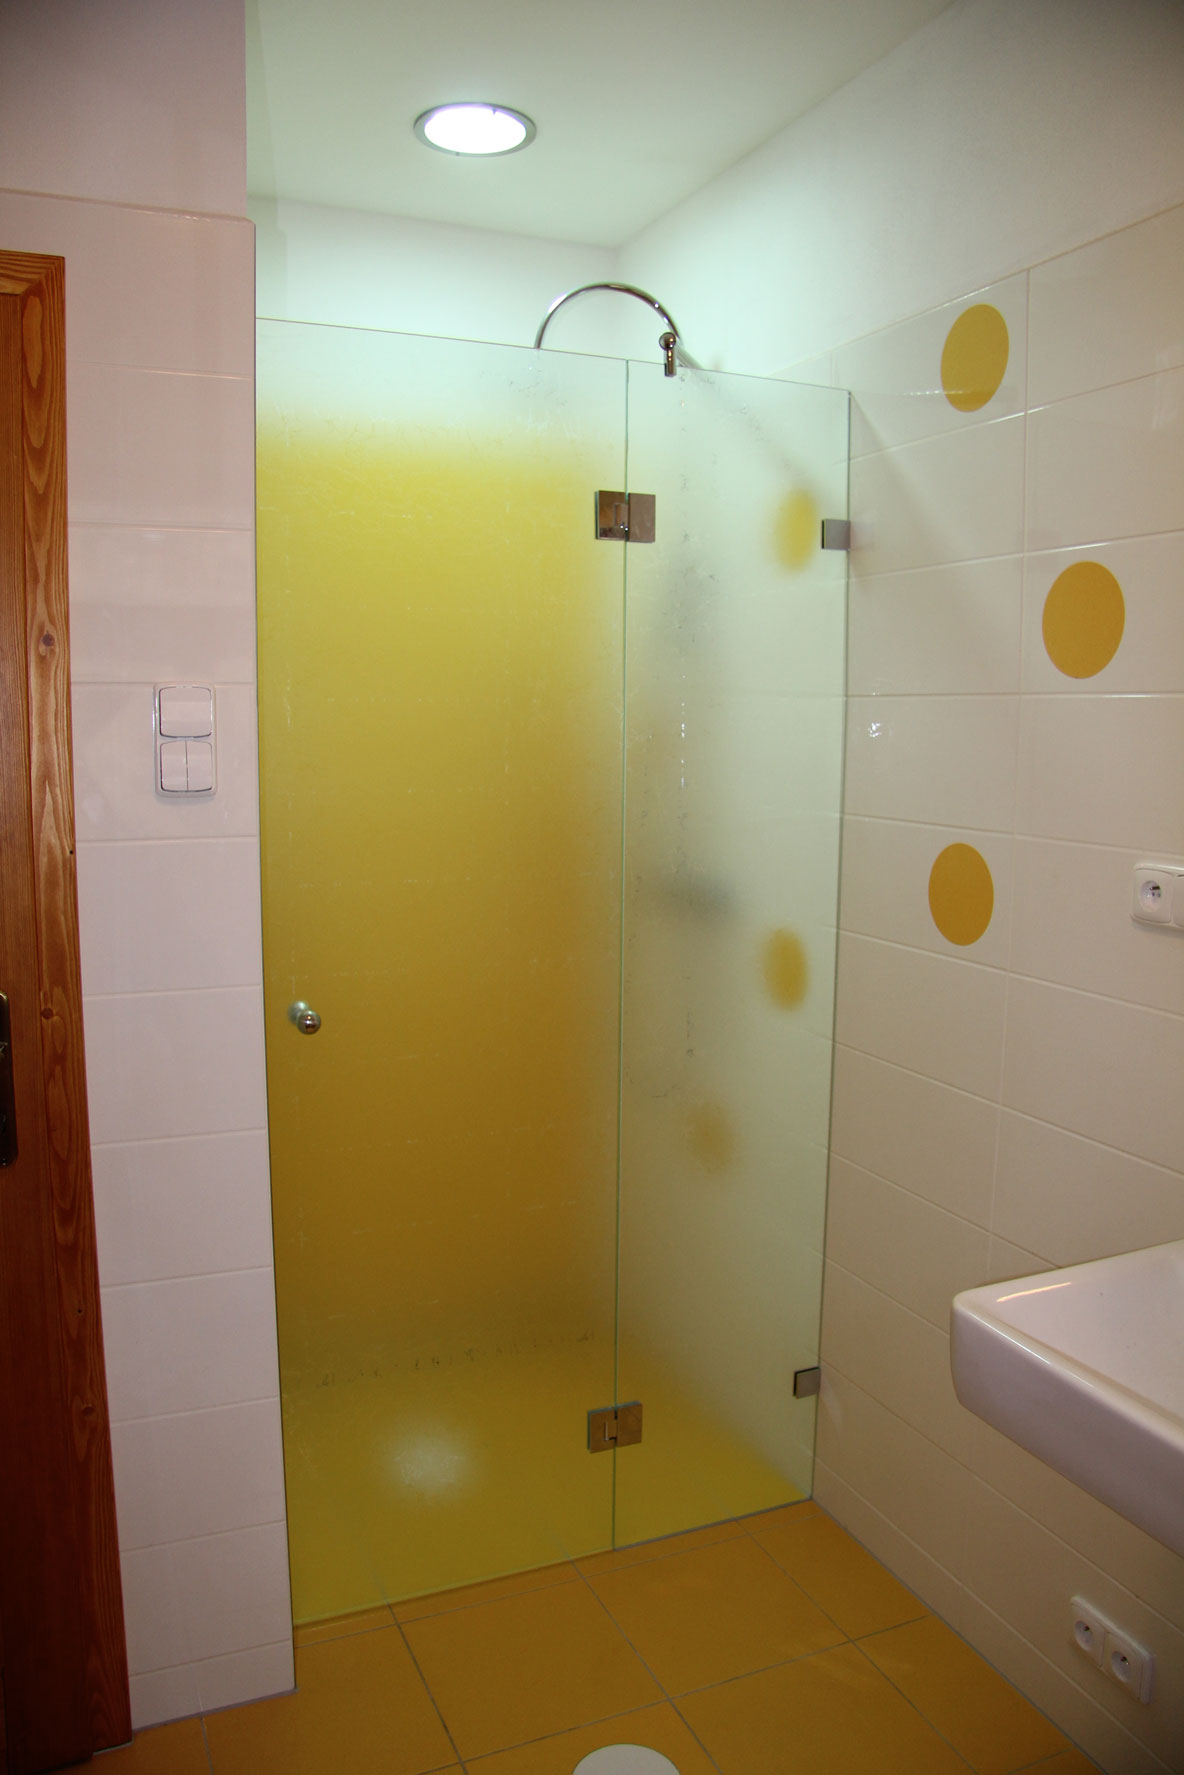 Sklenarstvi-Prerost-sprchove- kouty-a-sprchy (34)